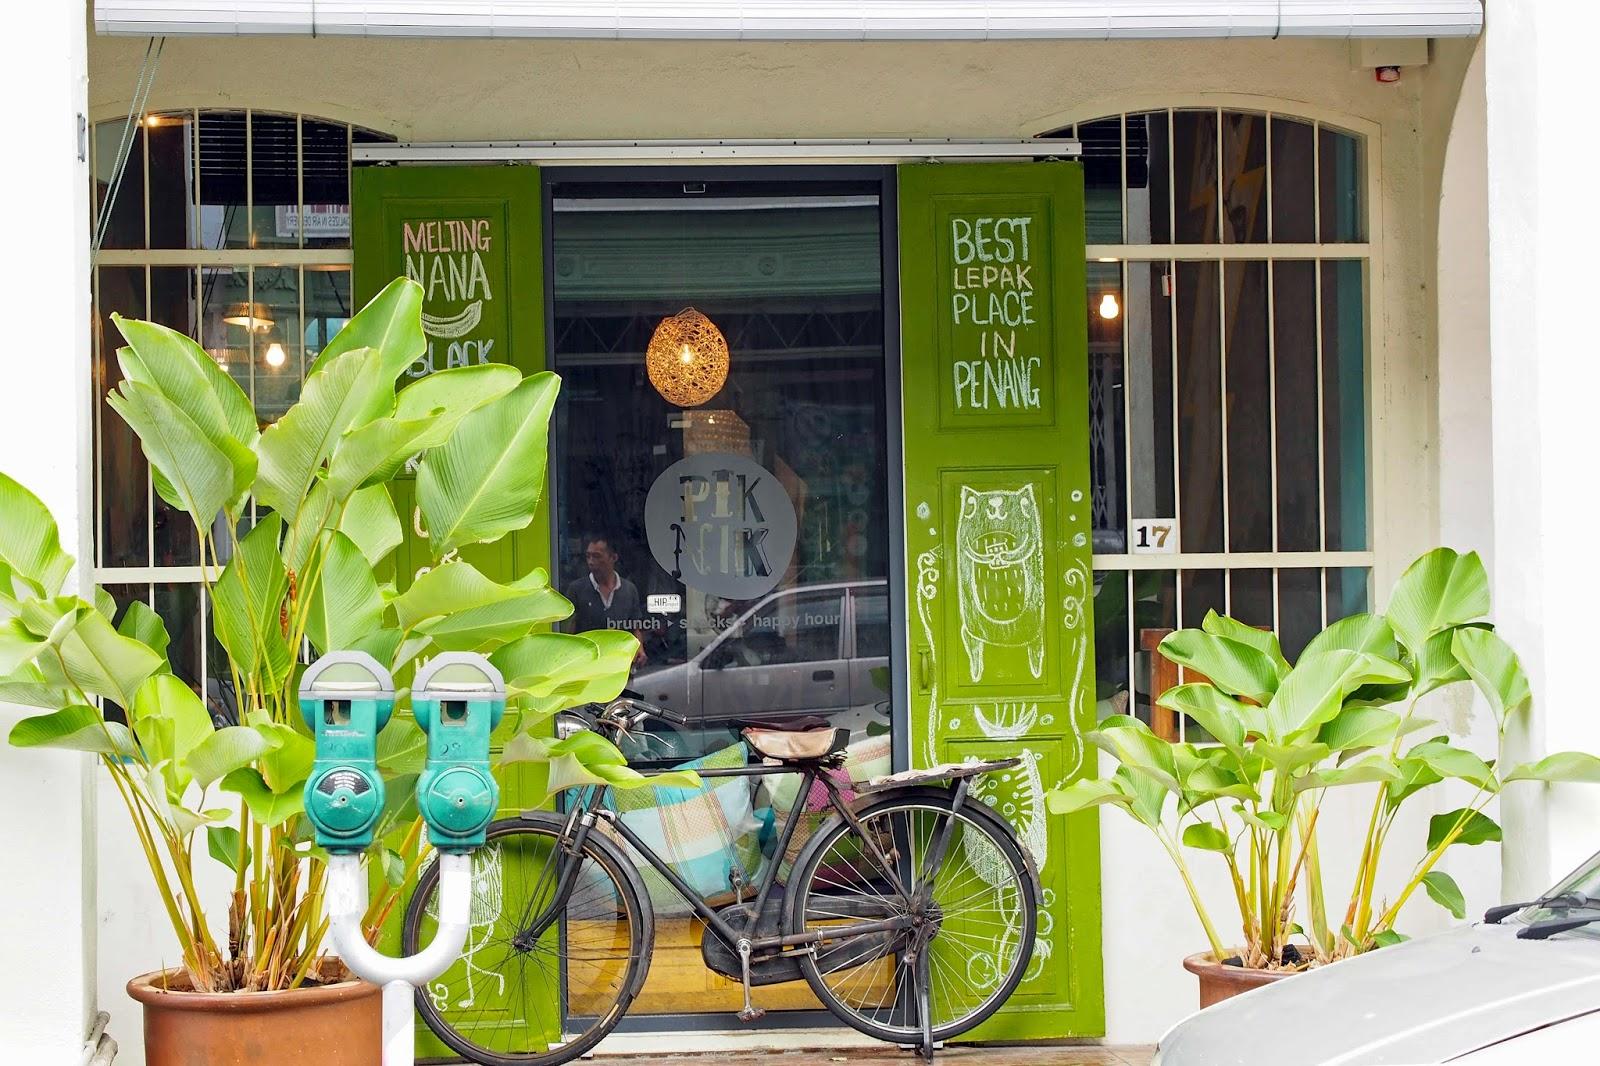 Penang 2013 Pik Nik Cafe At Jalan Nagore